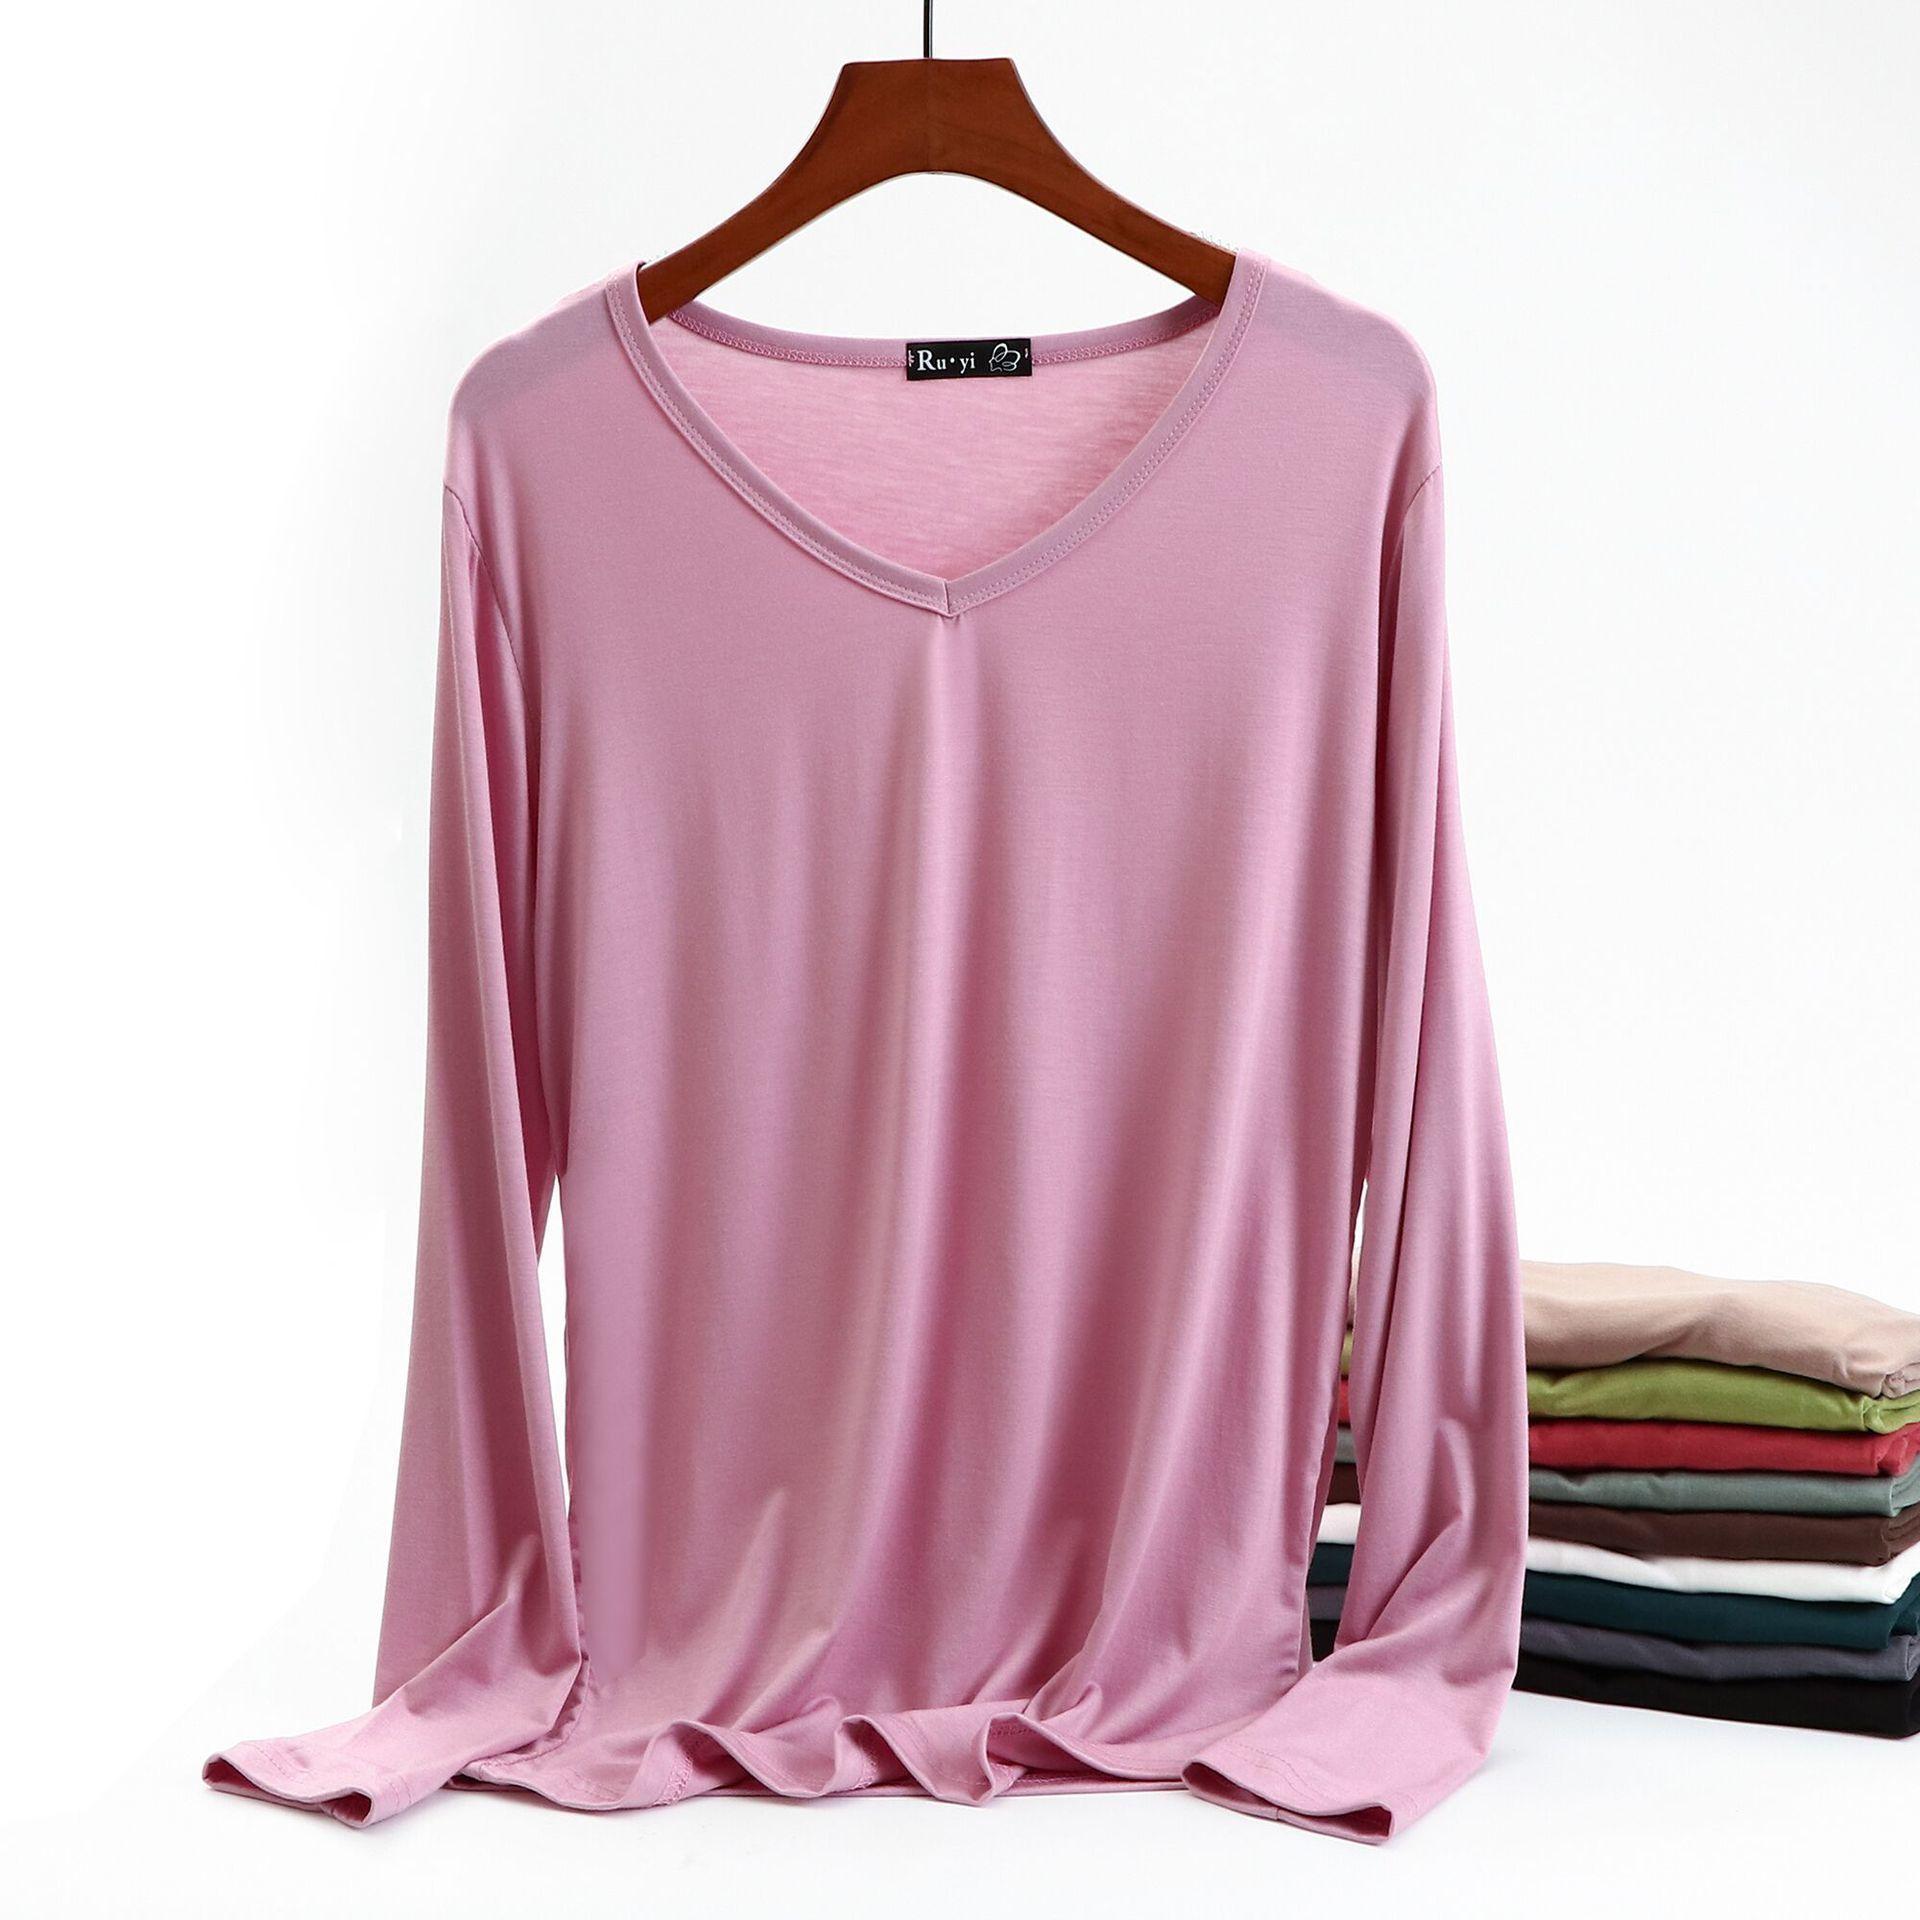 Automne Femmes T-shirt T-shirt Top manches longues Noir Blanc Casual Tee shirt Femme Femme Slim Sexy Tops Plus Taille Vêtements de mode 201125